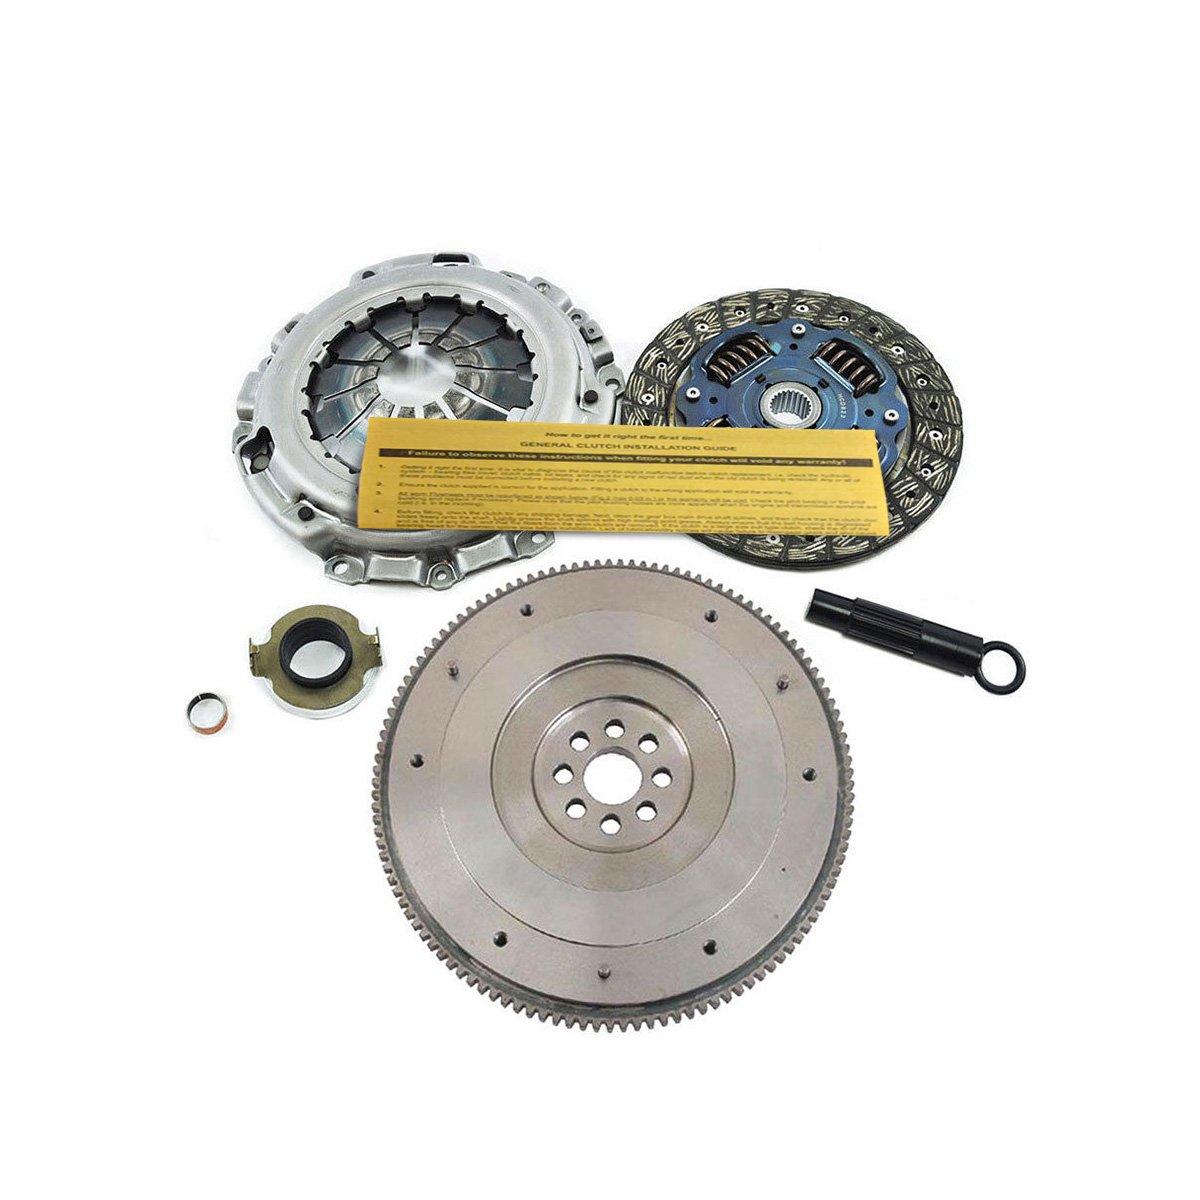 exedy Kit de embrague KHC10 & OE volante para 02 - 15 Acura RSX/Honda Civic Si K20 K24: Amazon.es: Coche y moto